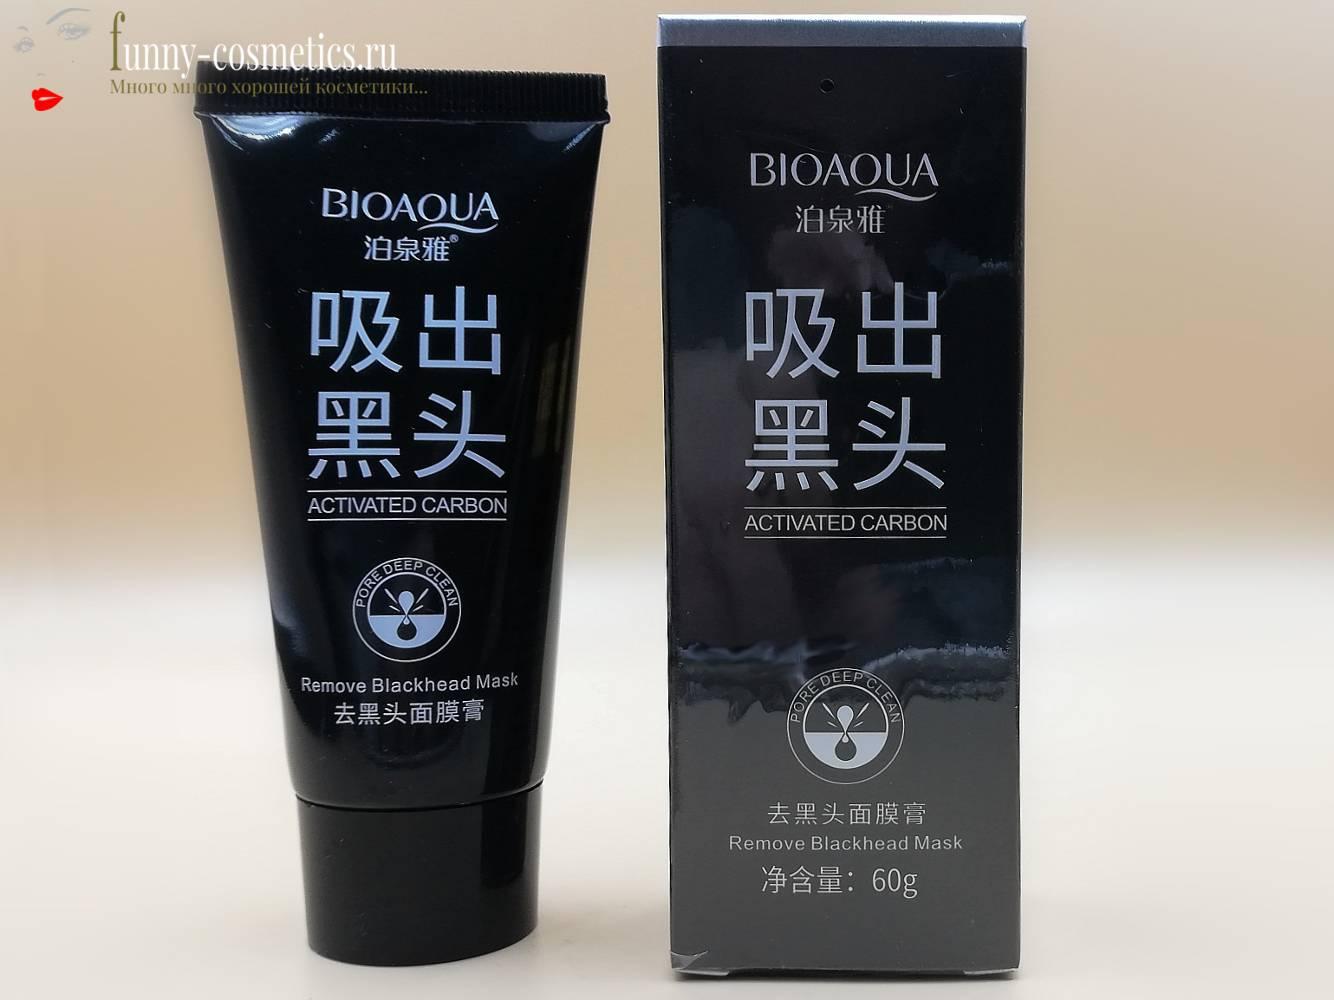 Угольная маска: очищающая для лица, от черных точек с активированным углем в домашних условиях